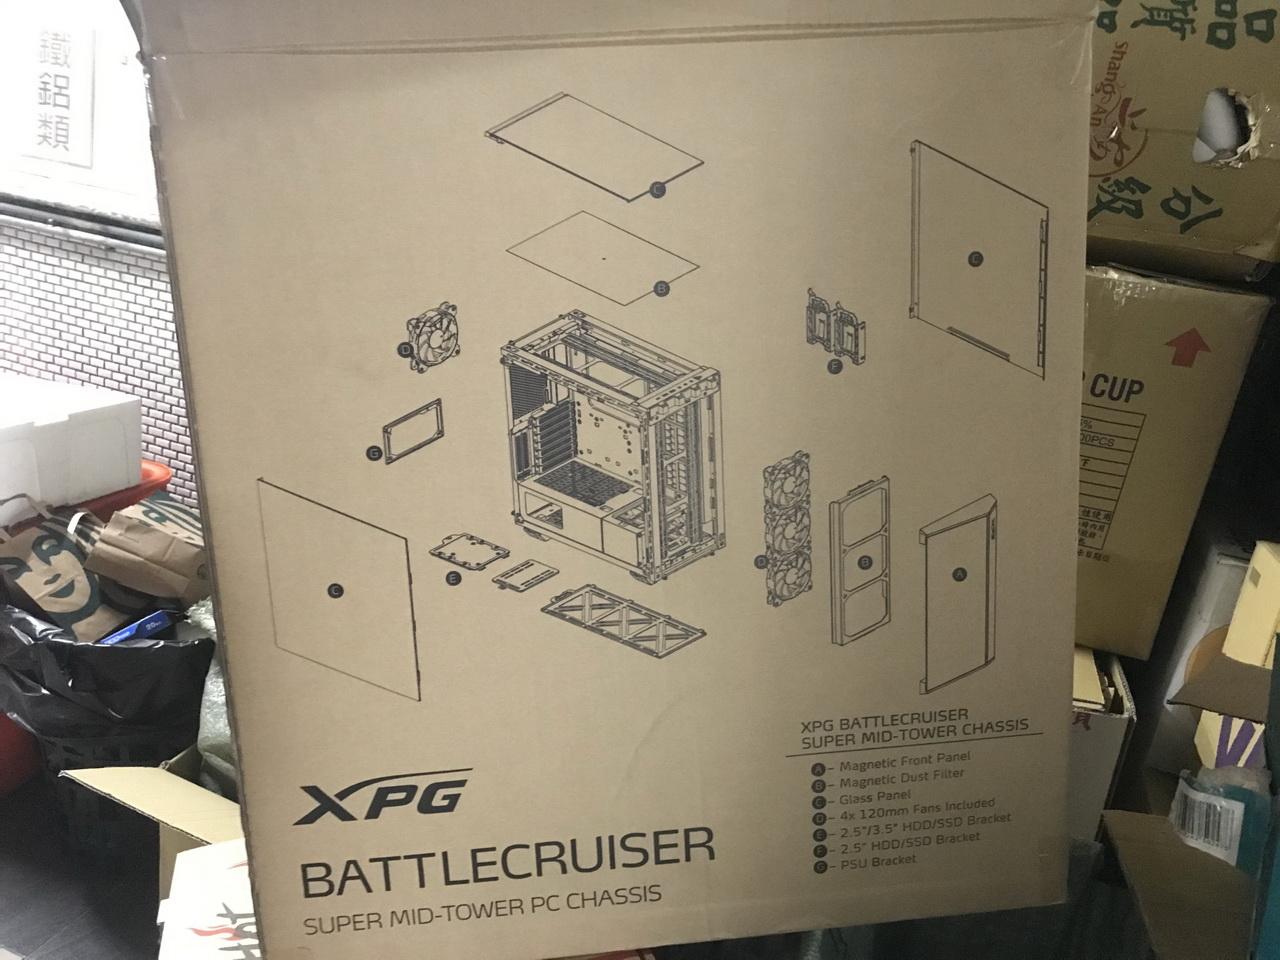 XPG BATTLECRUISER-02.JPG